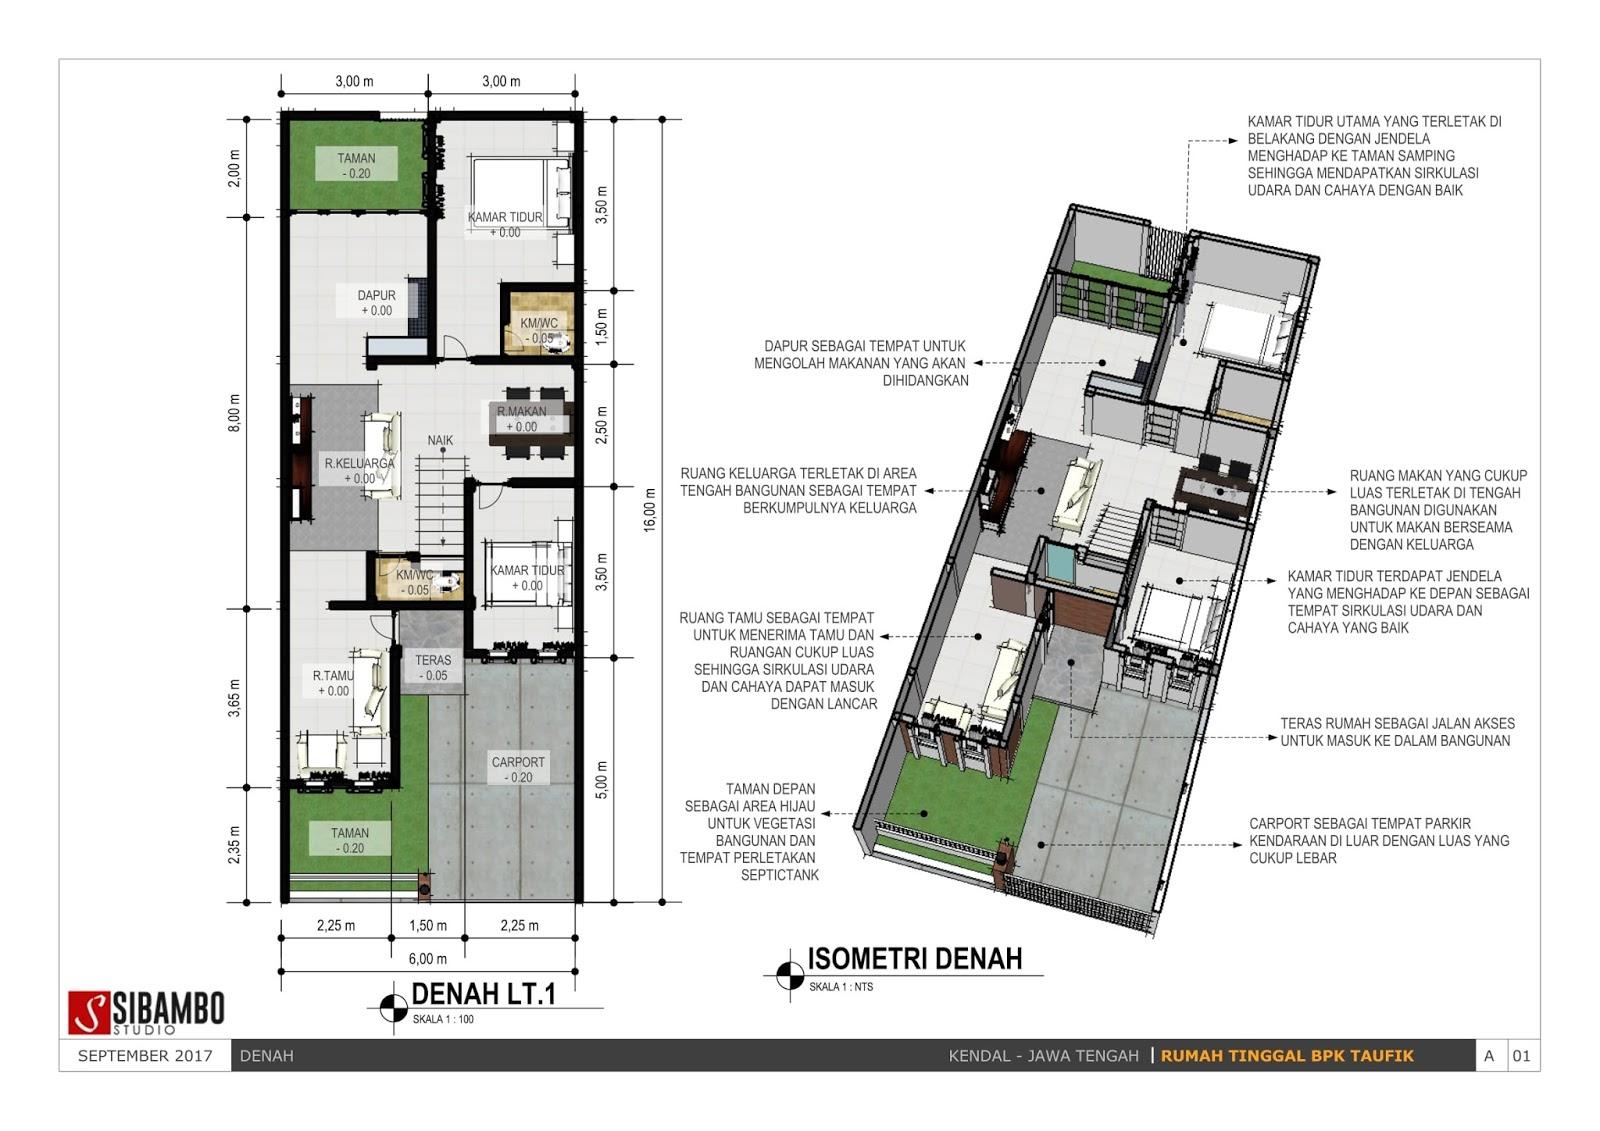 Denah Rumah Lebar 5 Meter 1 Lantai denah rumah tinggal 1 lantai desain rumah tinggal 2